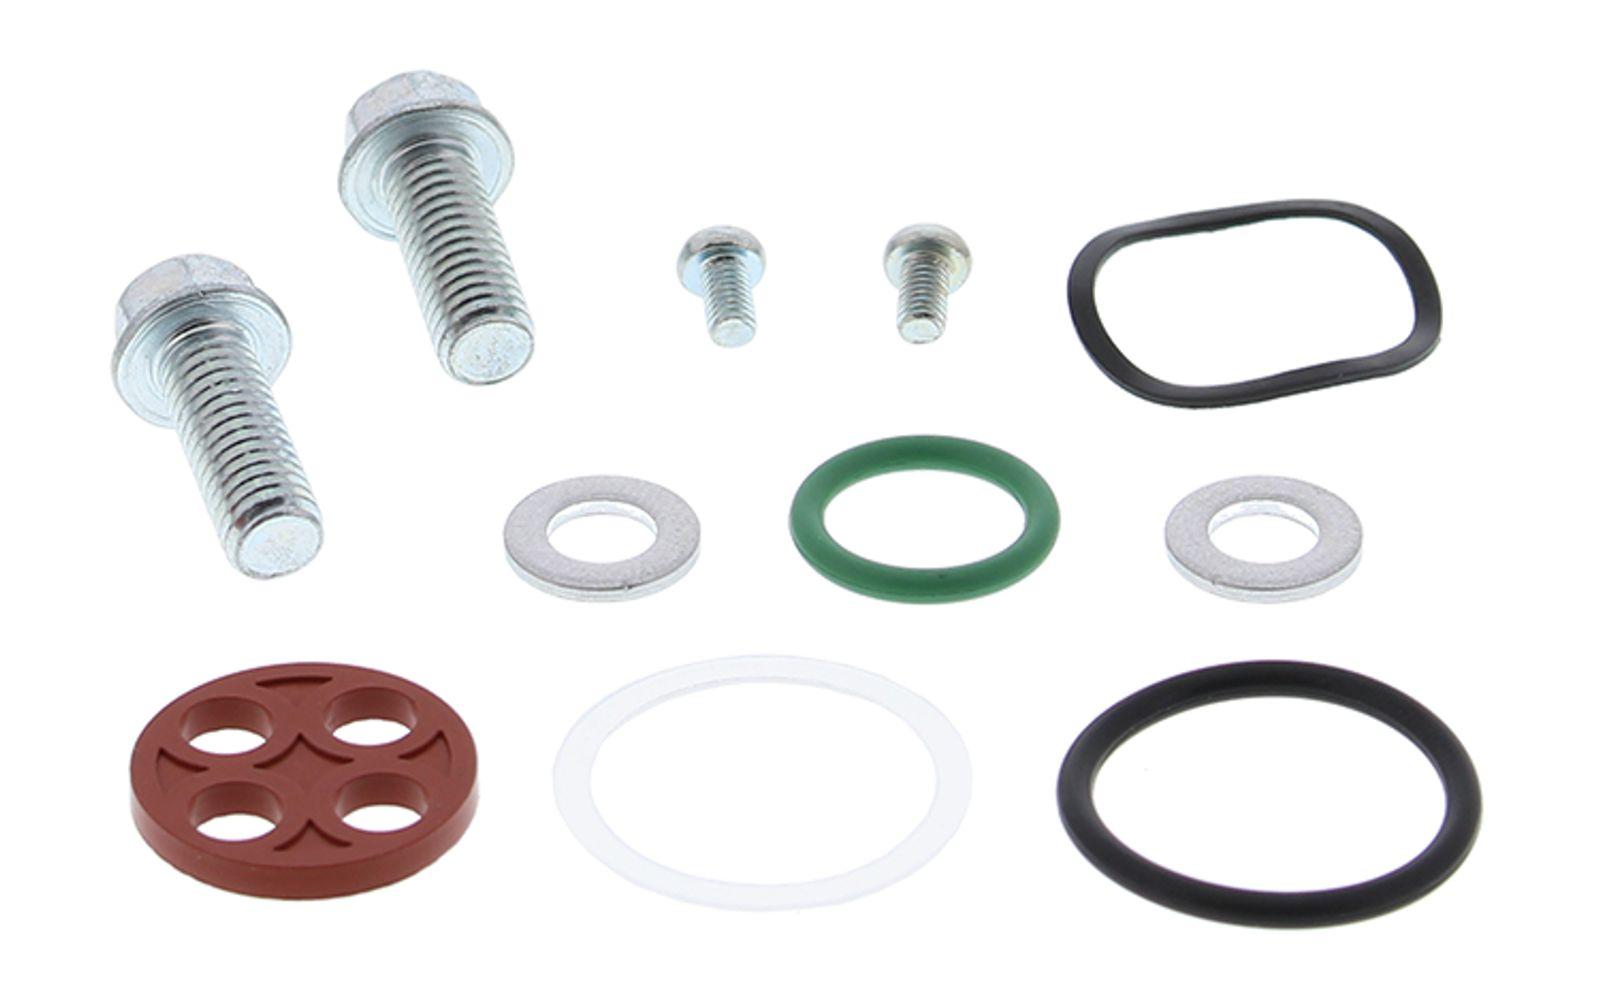 Wrp Fuel Tap Repair Kits - WRP601025 image